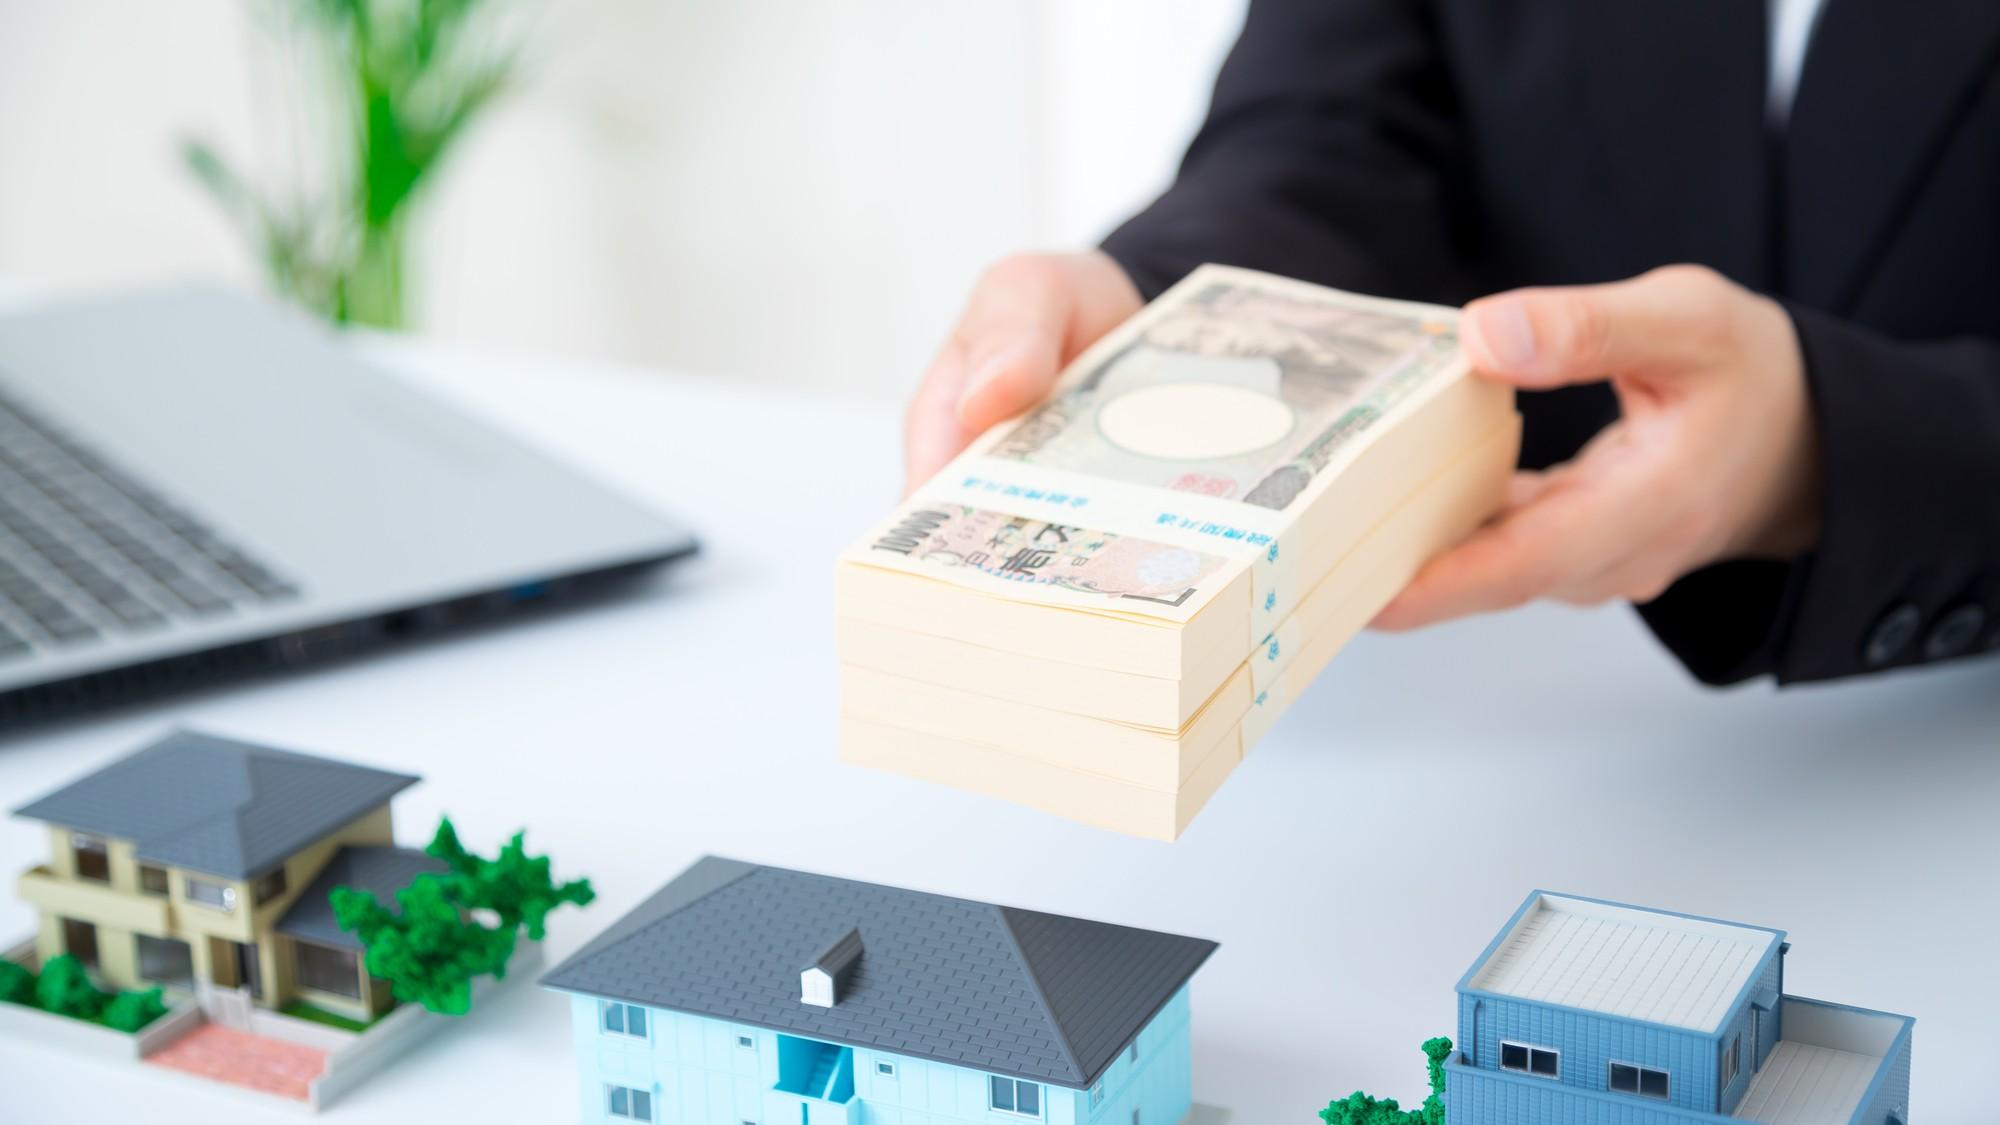 新座市の60代夫婦「固定資産税の誤課税」で我が家を失う